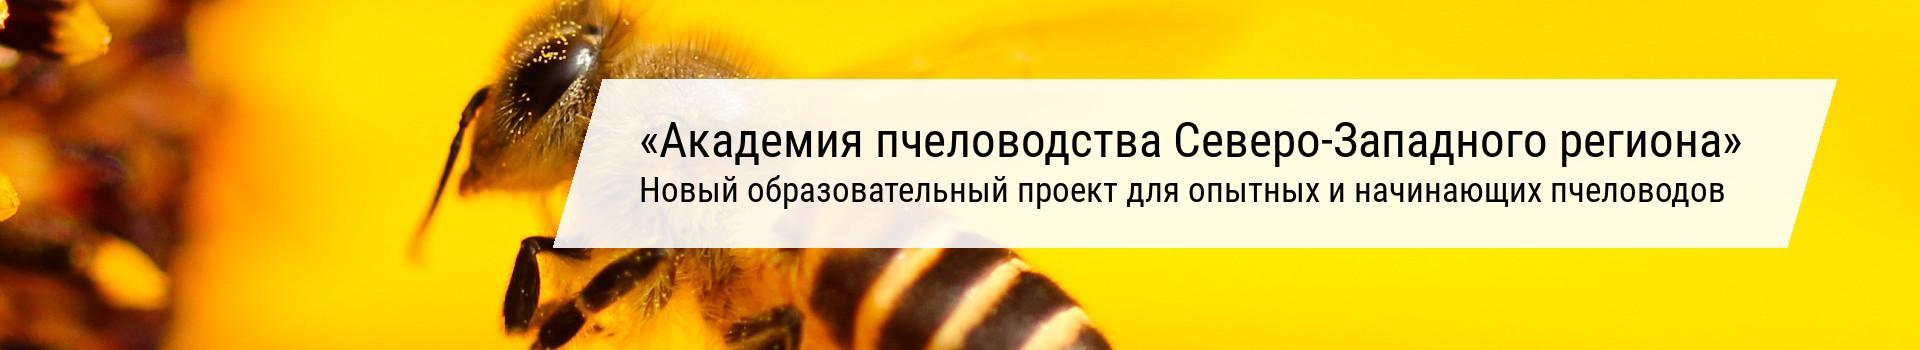 Академия пчеловодства Северо-Западного региона